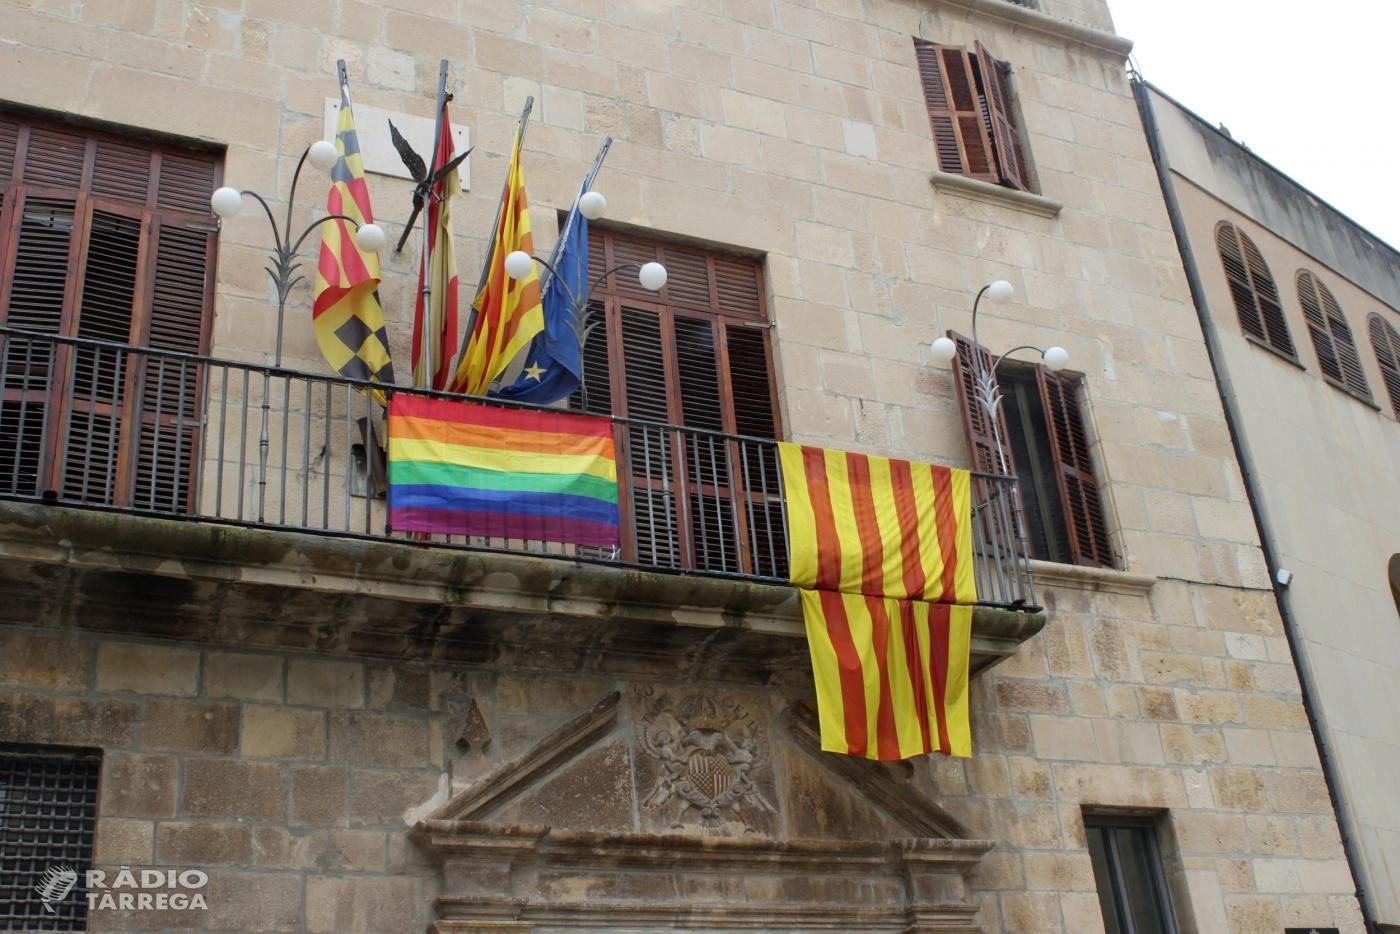 L'Ajuntament de Tàrrega posa la bandera arc iris al balcó de la Casa Consistorial com a expressió de suport a la igualtat de tracte de les persones LGTBI